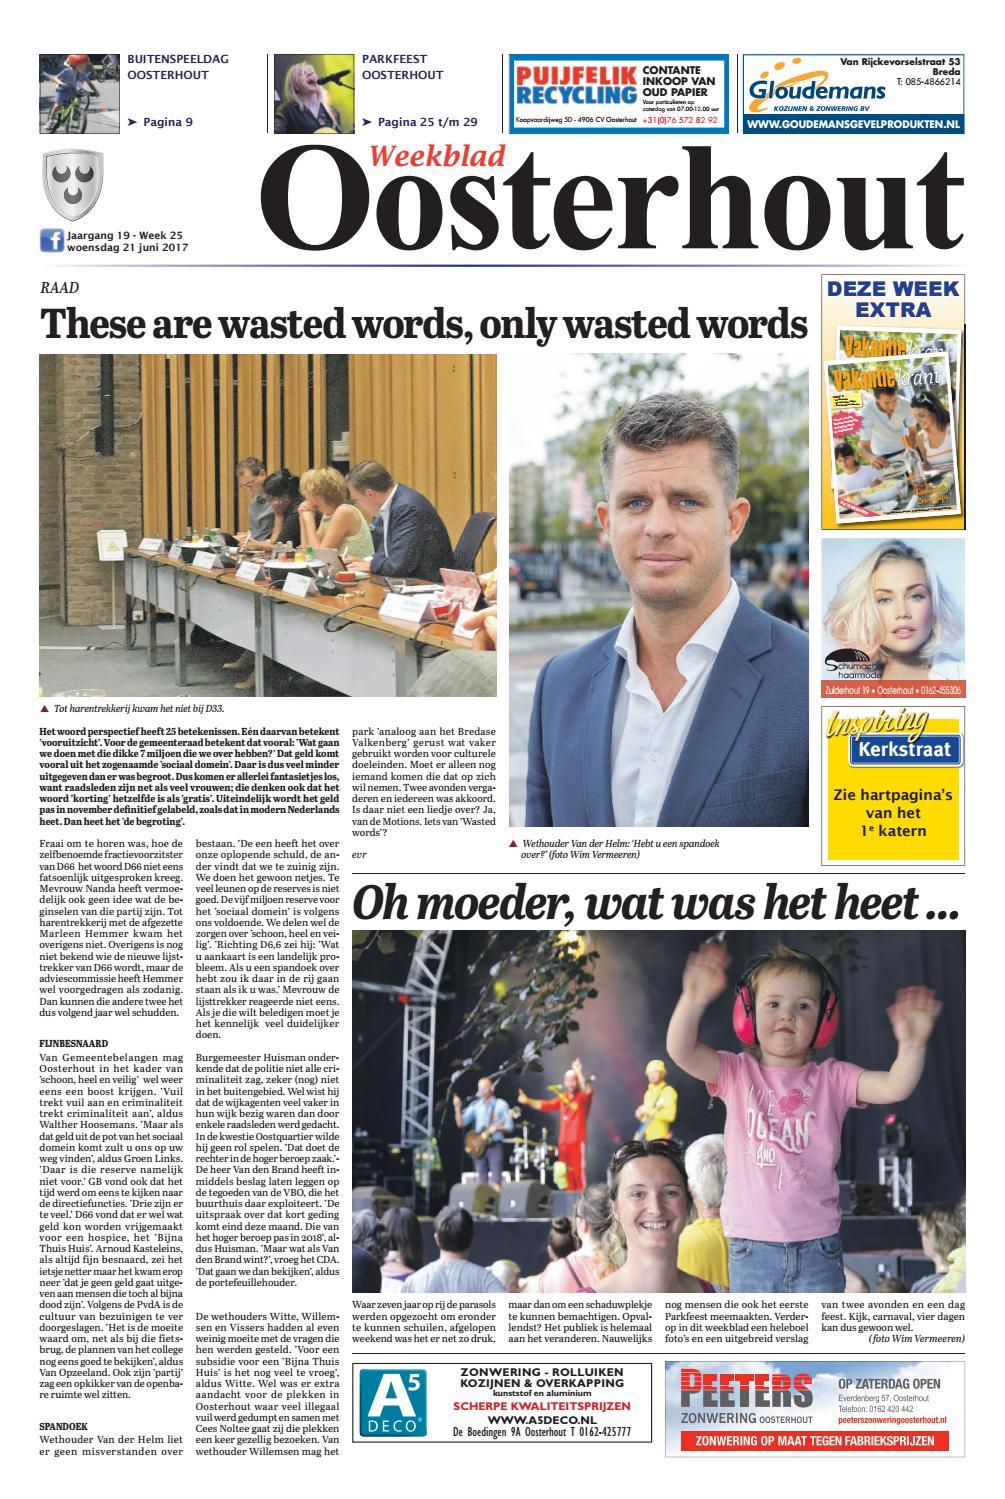 Weekblad oosterhout 21 06 2017 by uitgeverij em de jong for Nassau indus deur bv oosterhout